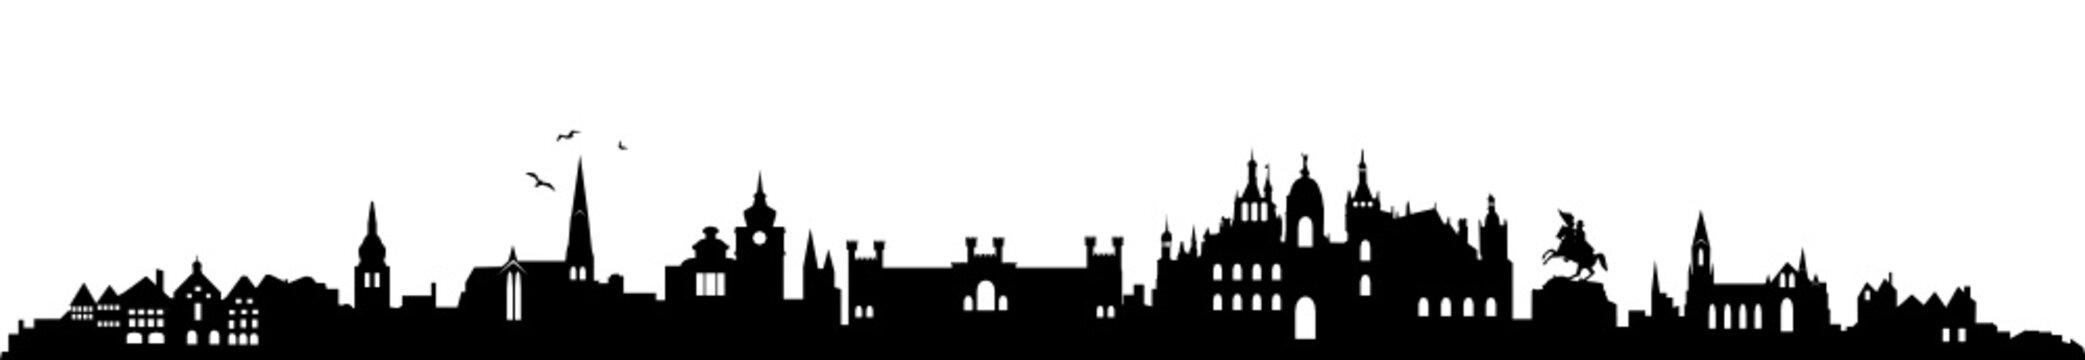 Skyline Schwerin